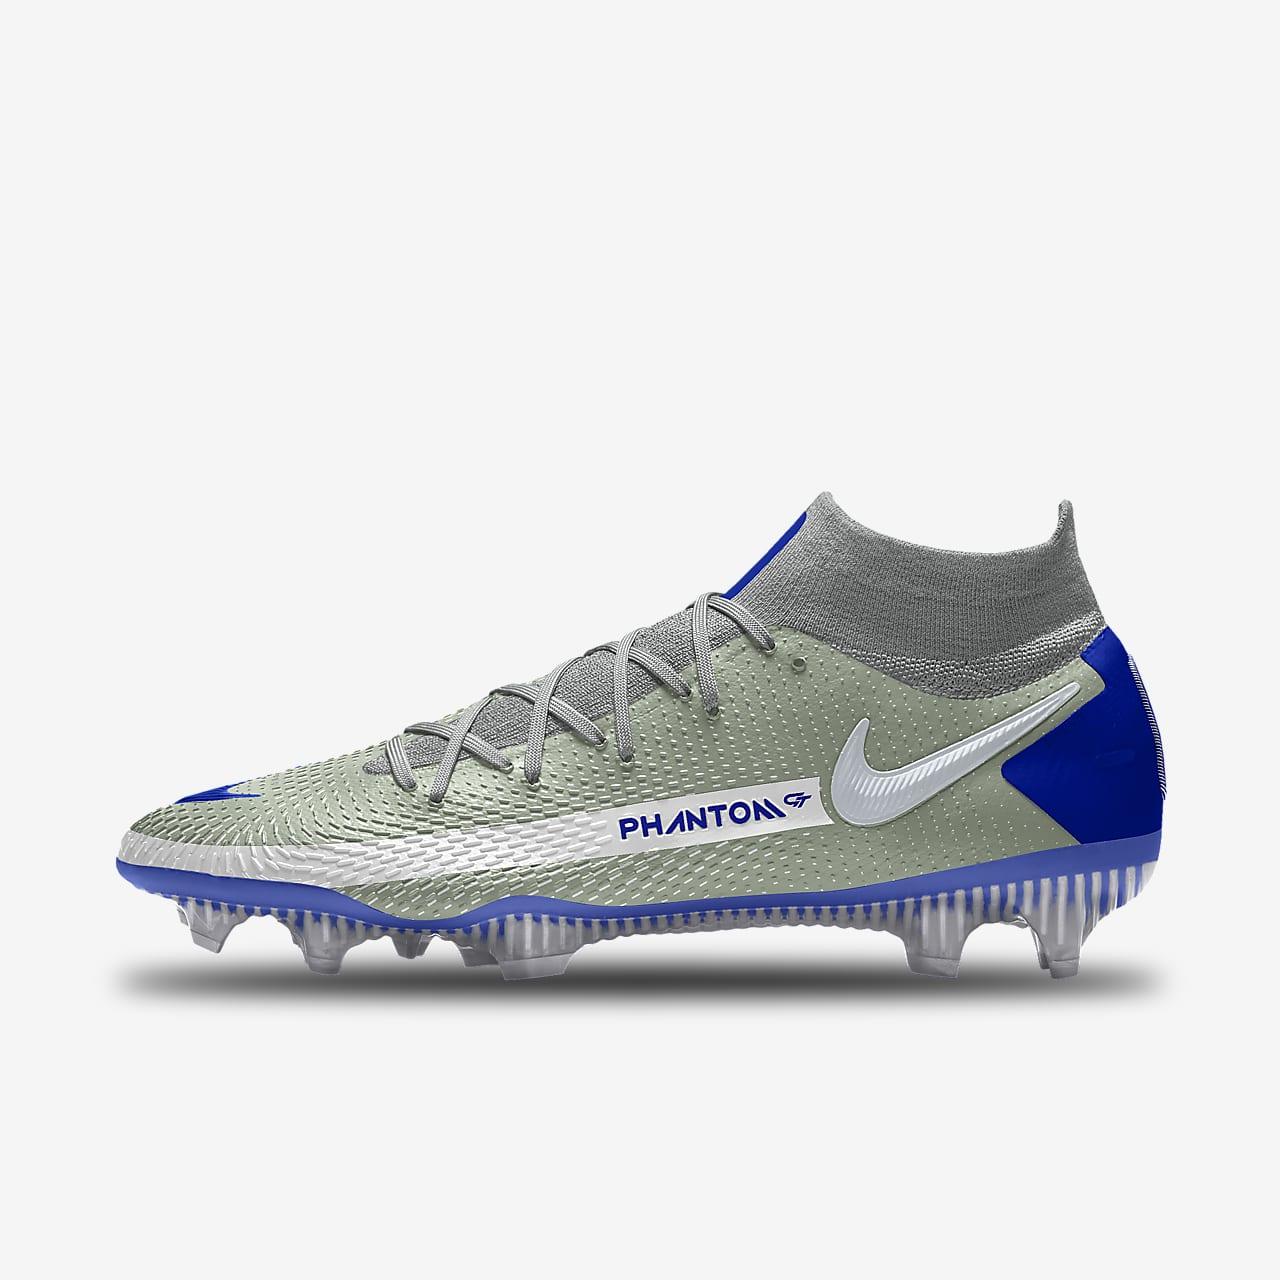 Εξατομικευμένο ποδοσφαιρικό παπούτσι για σκληρές επιφάνειες Nike Phantom GT Elite By You